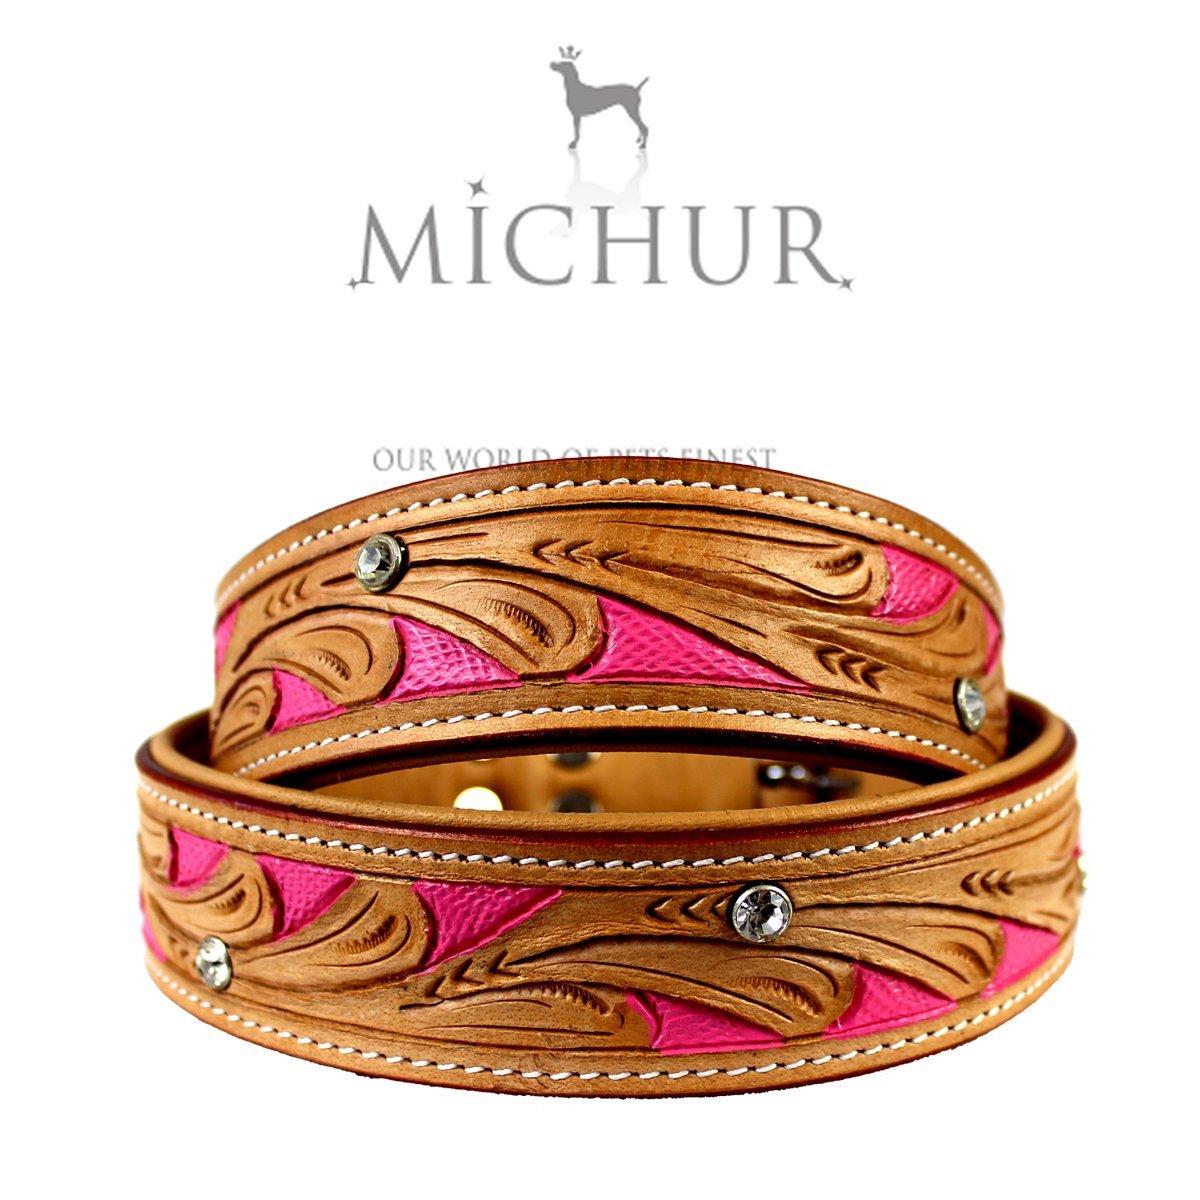 Michur Pinklady - Collier en cuir pour chien, beige avec roses, collier de chien, collier, cuir, différentes tailles